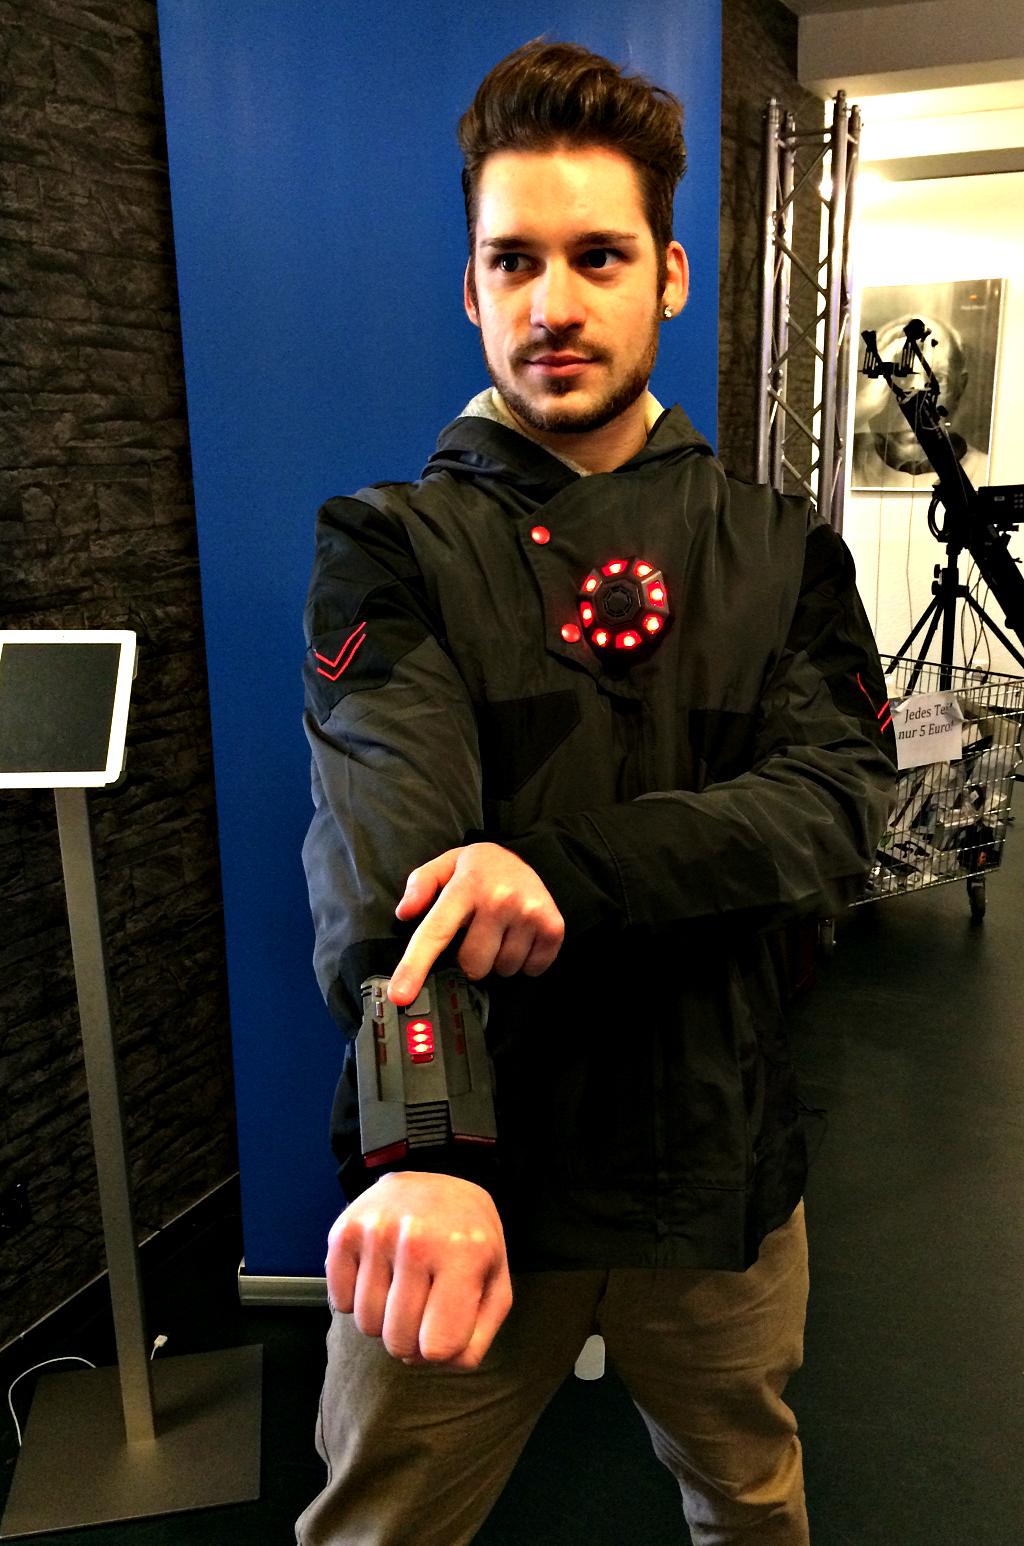 Ironman? Predator? Nein, nur Jens Dean mit der neuen LaserTech Ausrüstung!